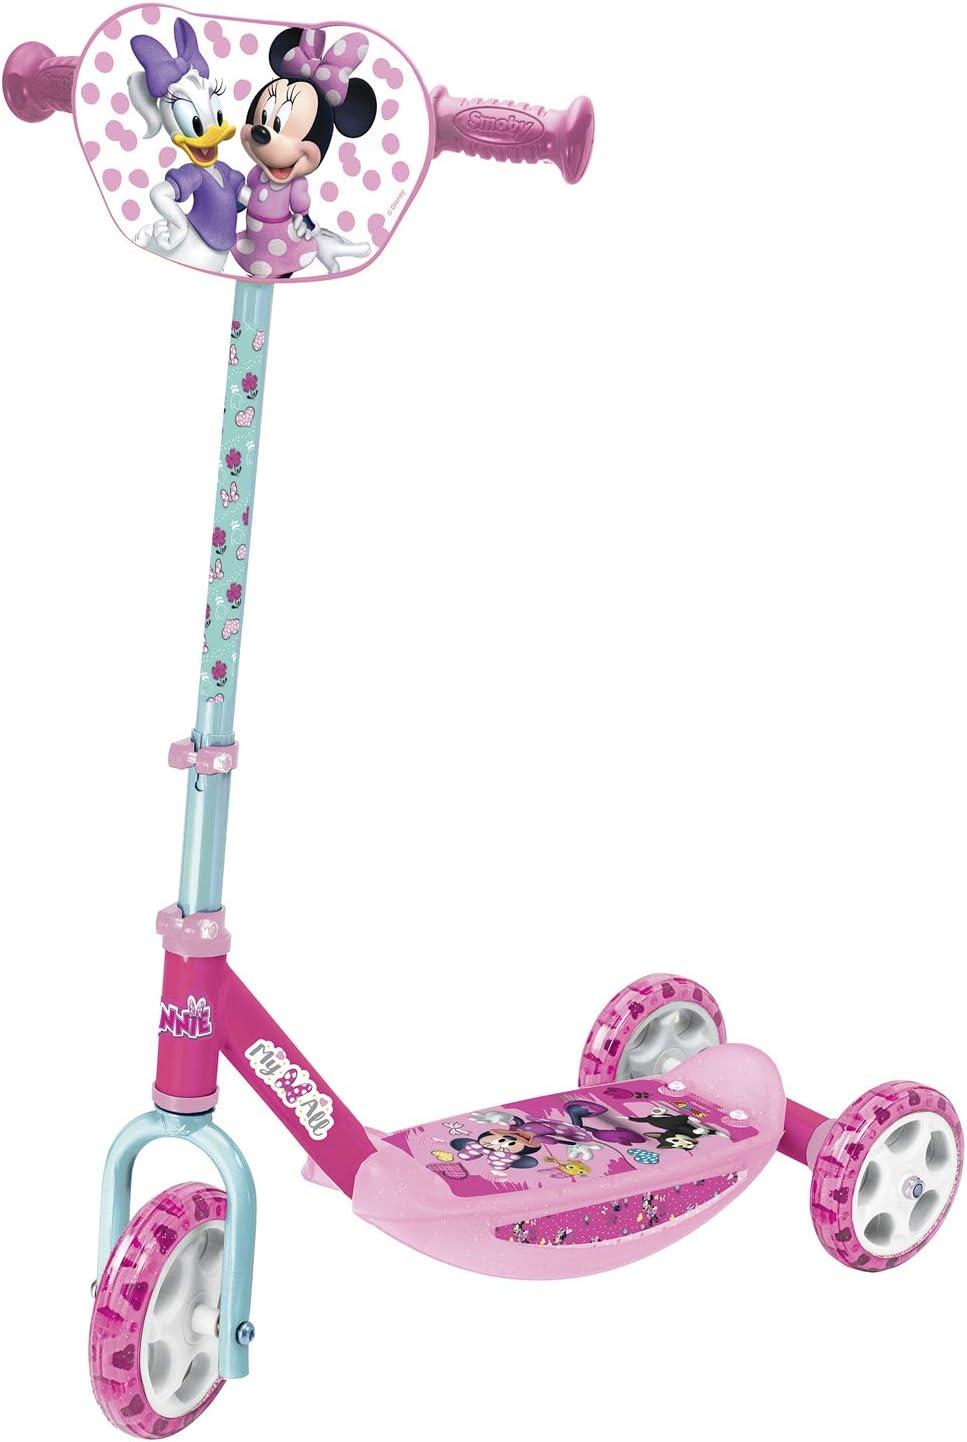 Smoby - Minnie Patinete 3 ruedas manillar de altura regulable, ligero y estable Disney (Smoby 750167)